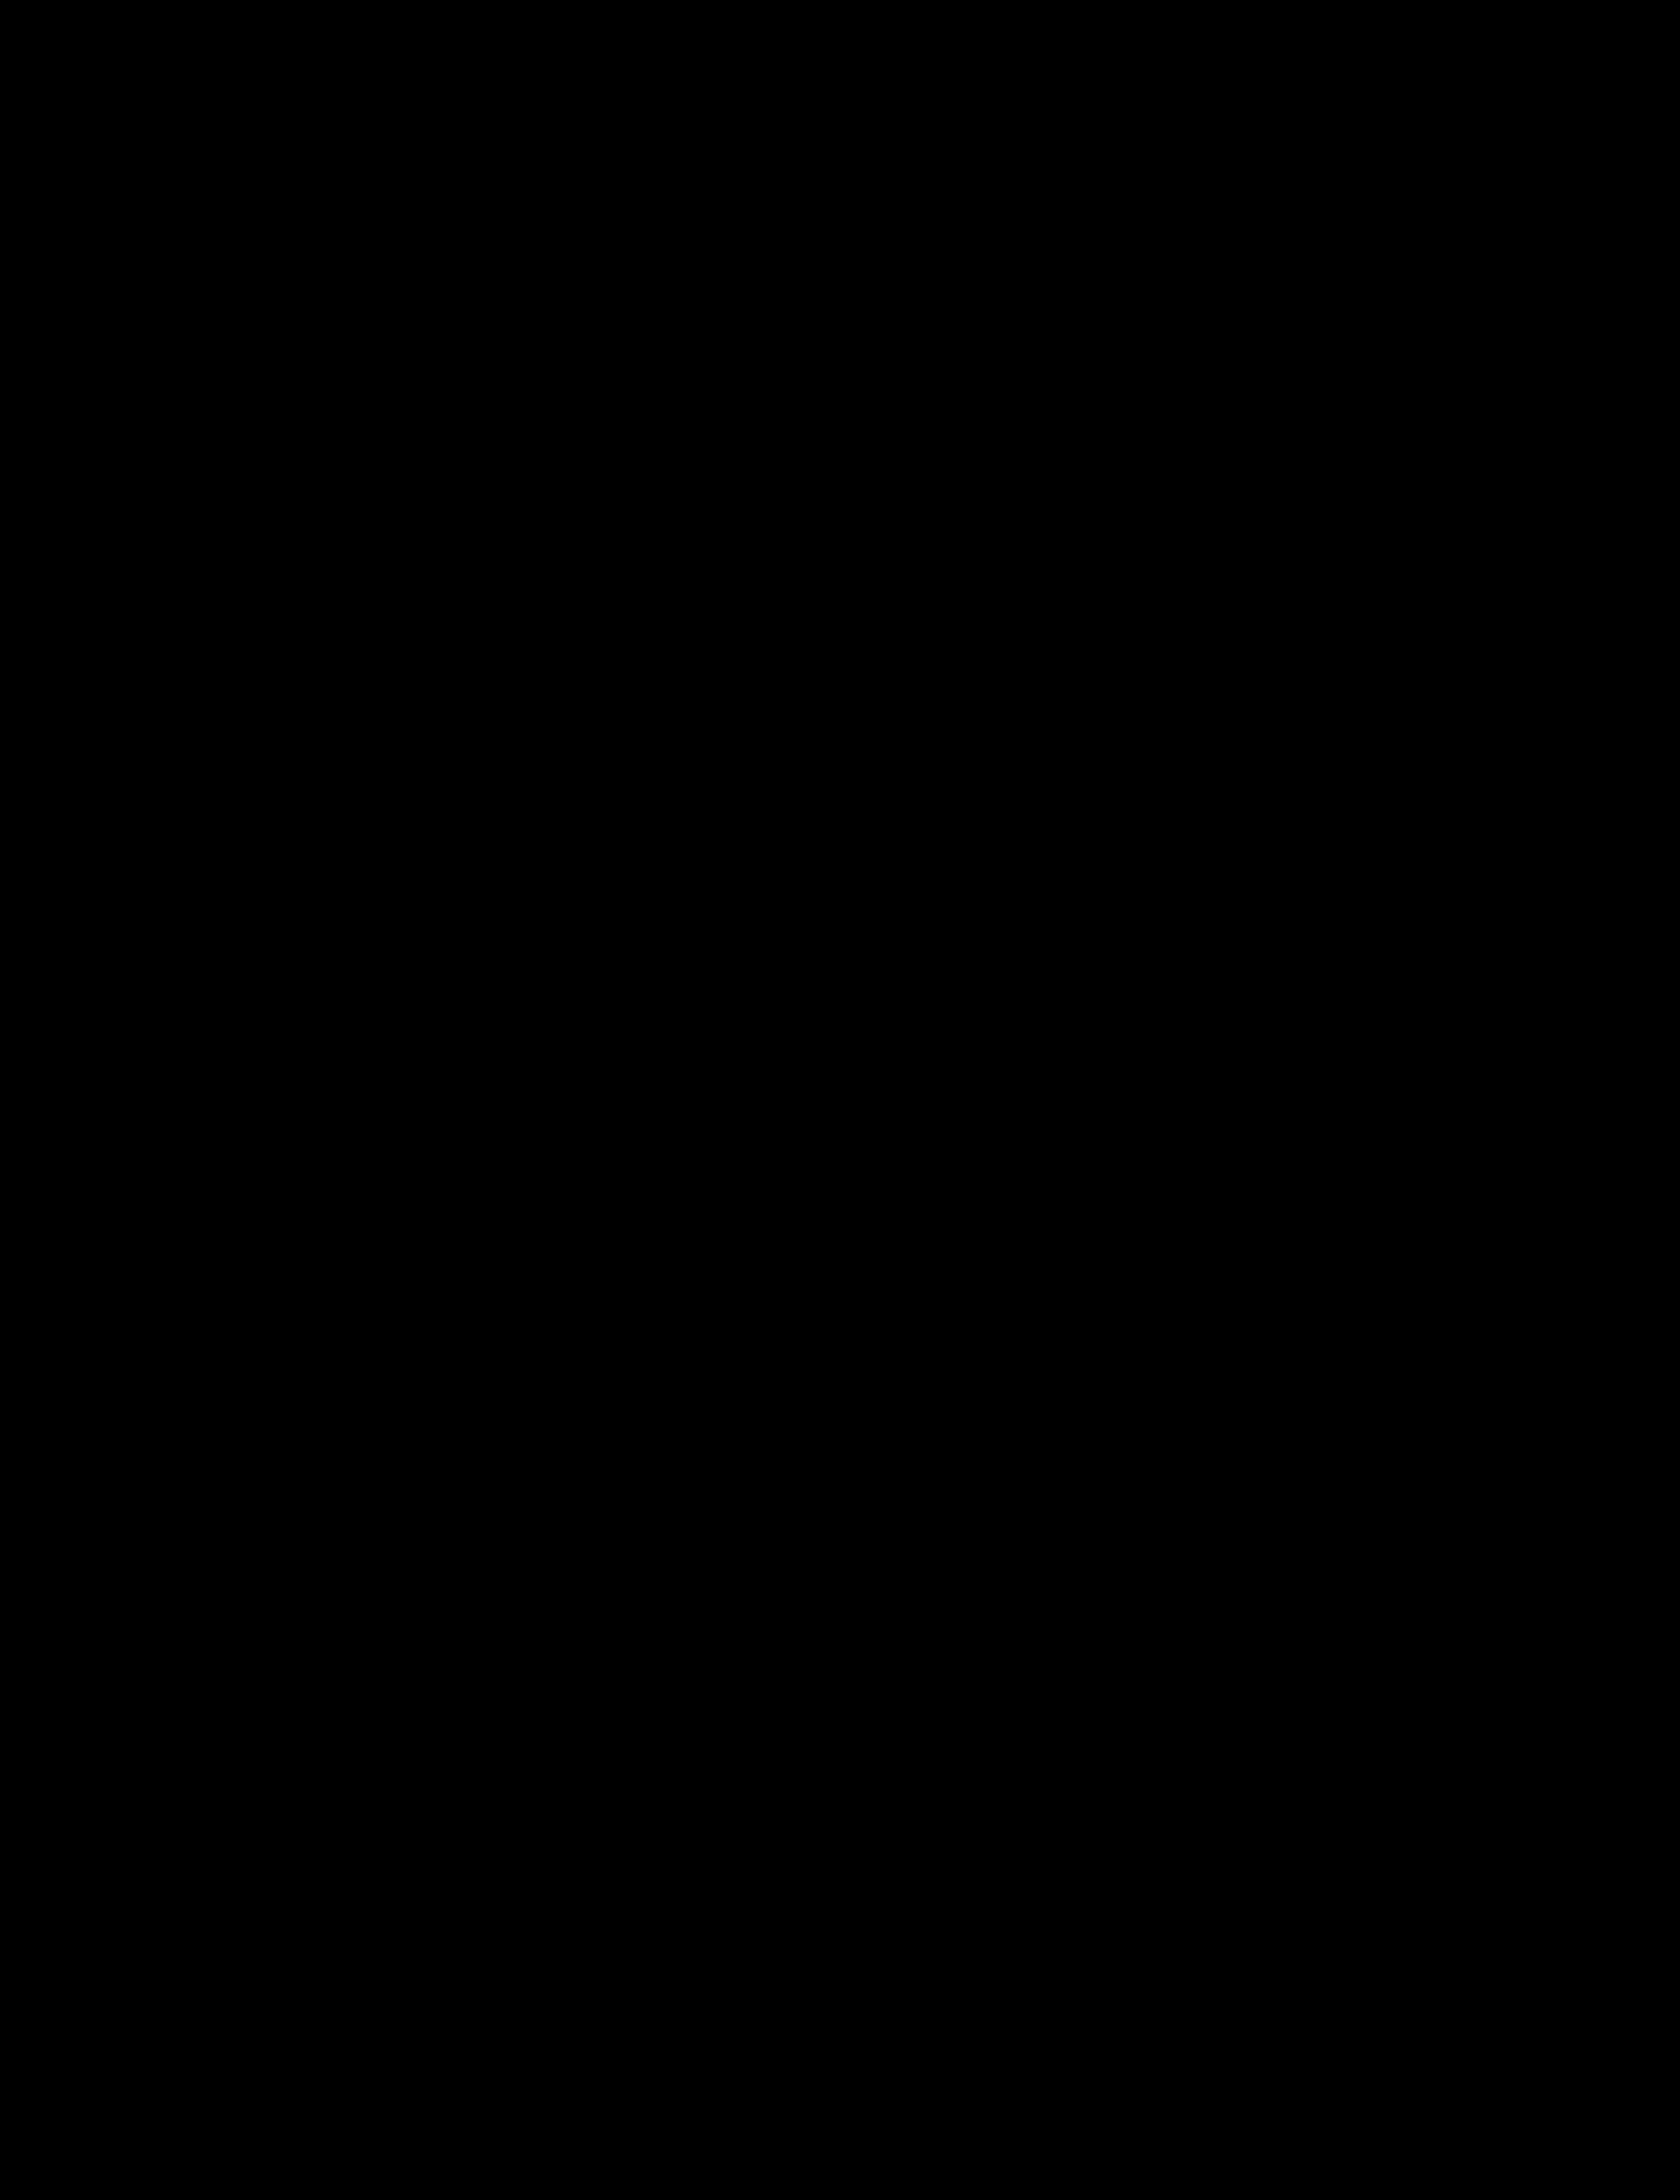 Tifón Tokage (27W) sur de Japón